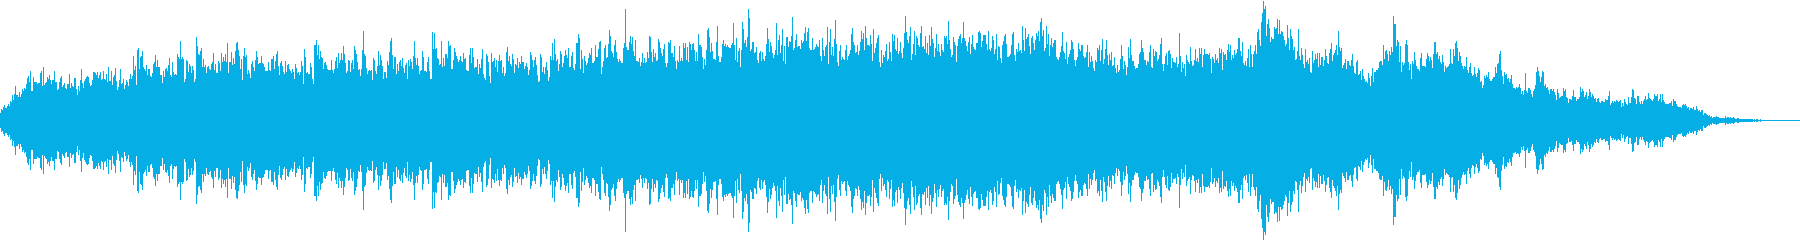 女性ボイスが徐々に重なりやがて昇天する曲の再生済みの波形